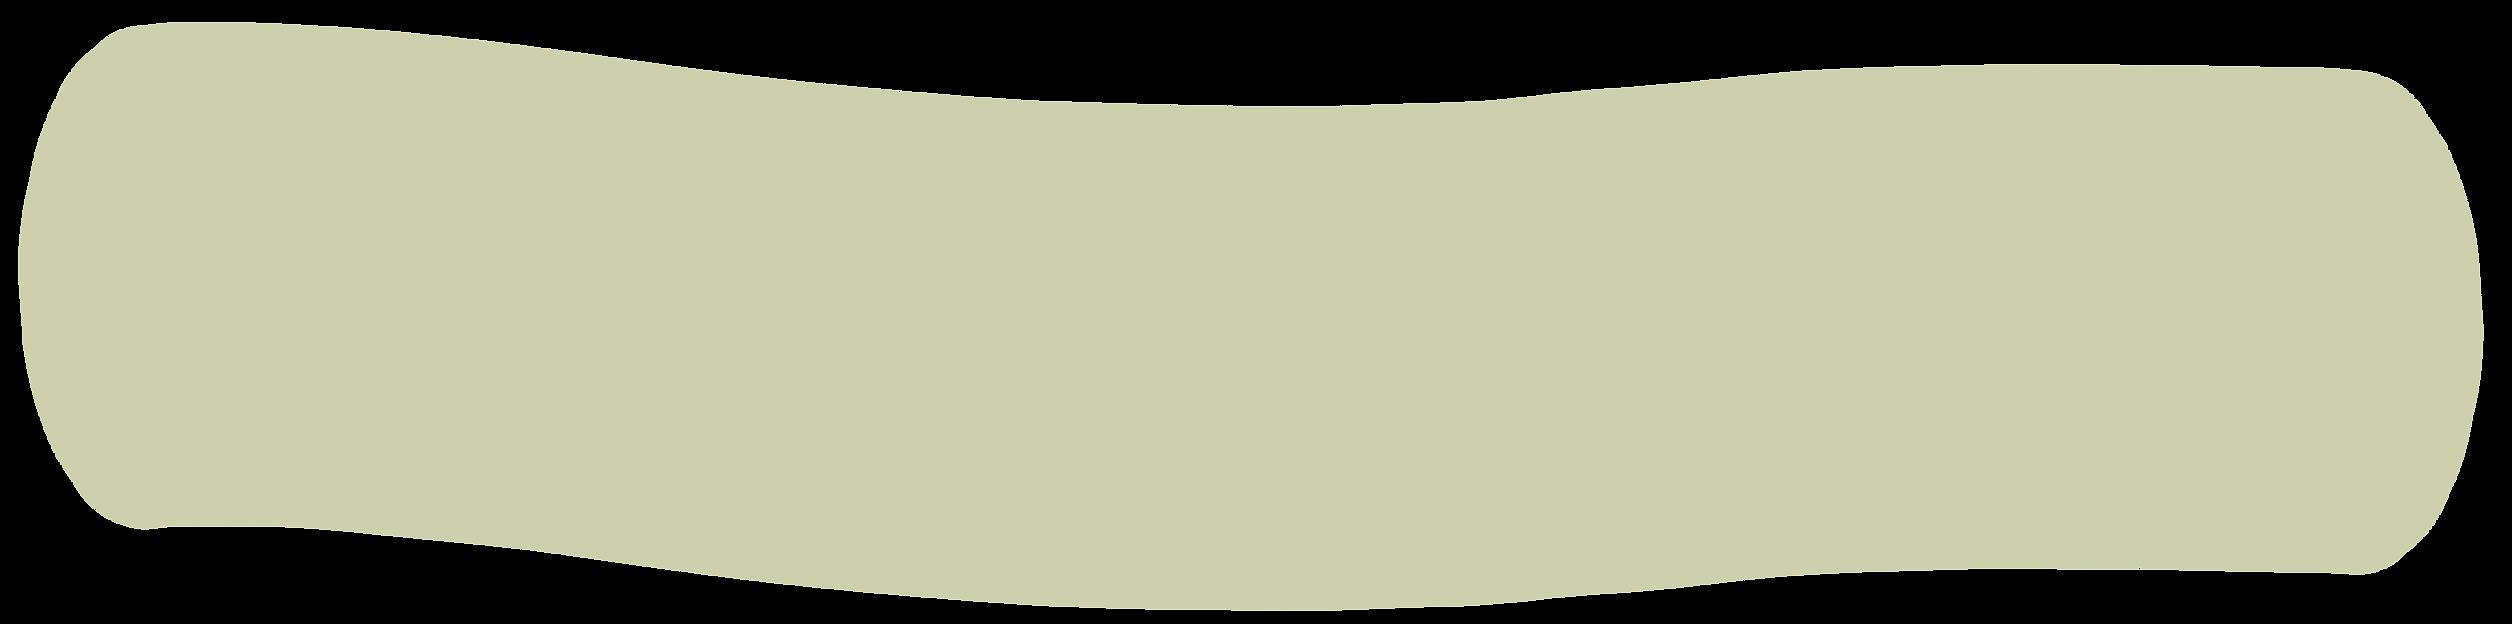 Graphisme bande-Atlantis rug 02-01.png